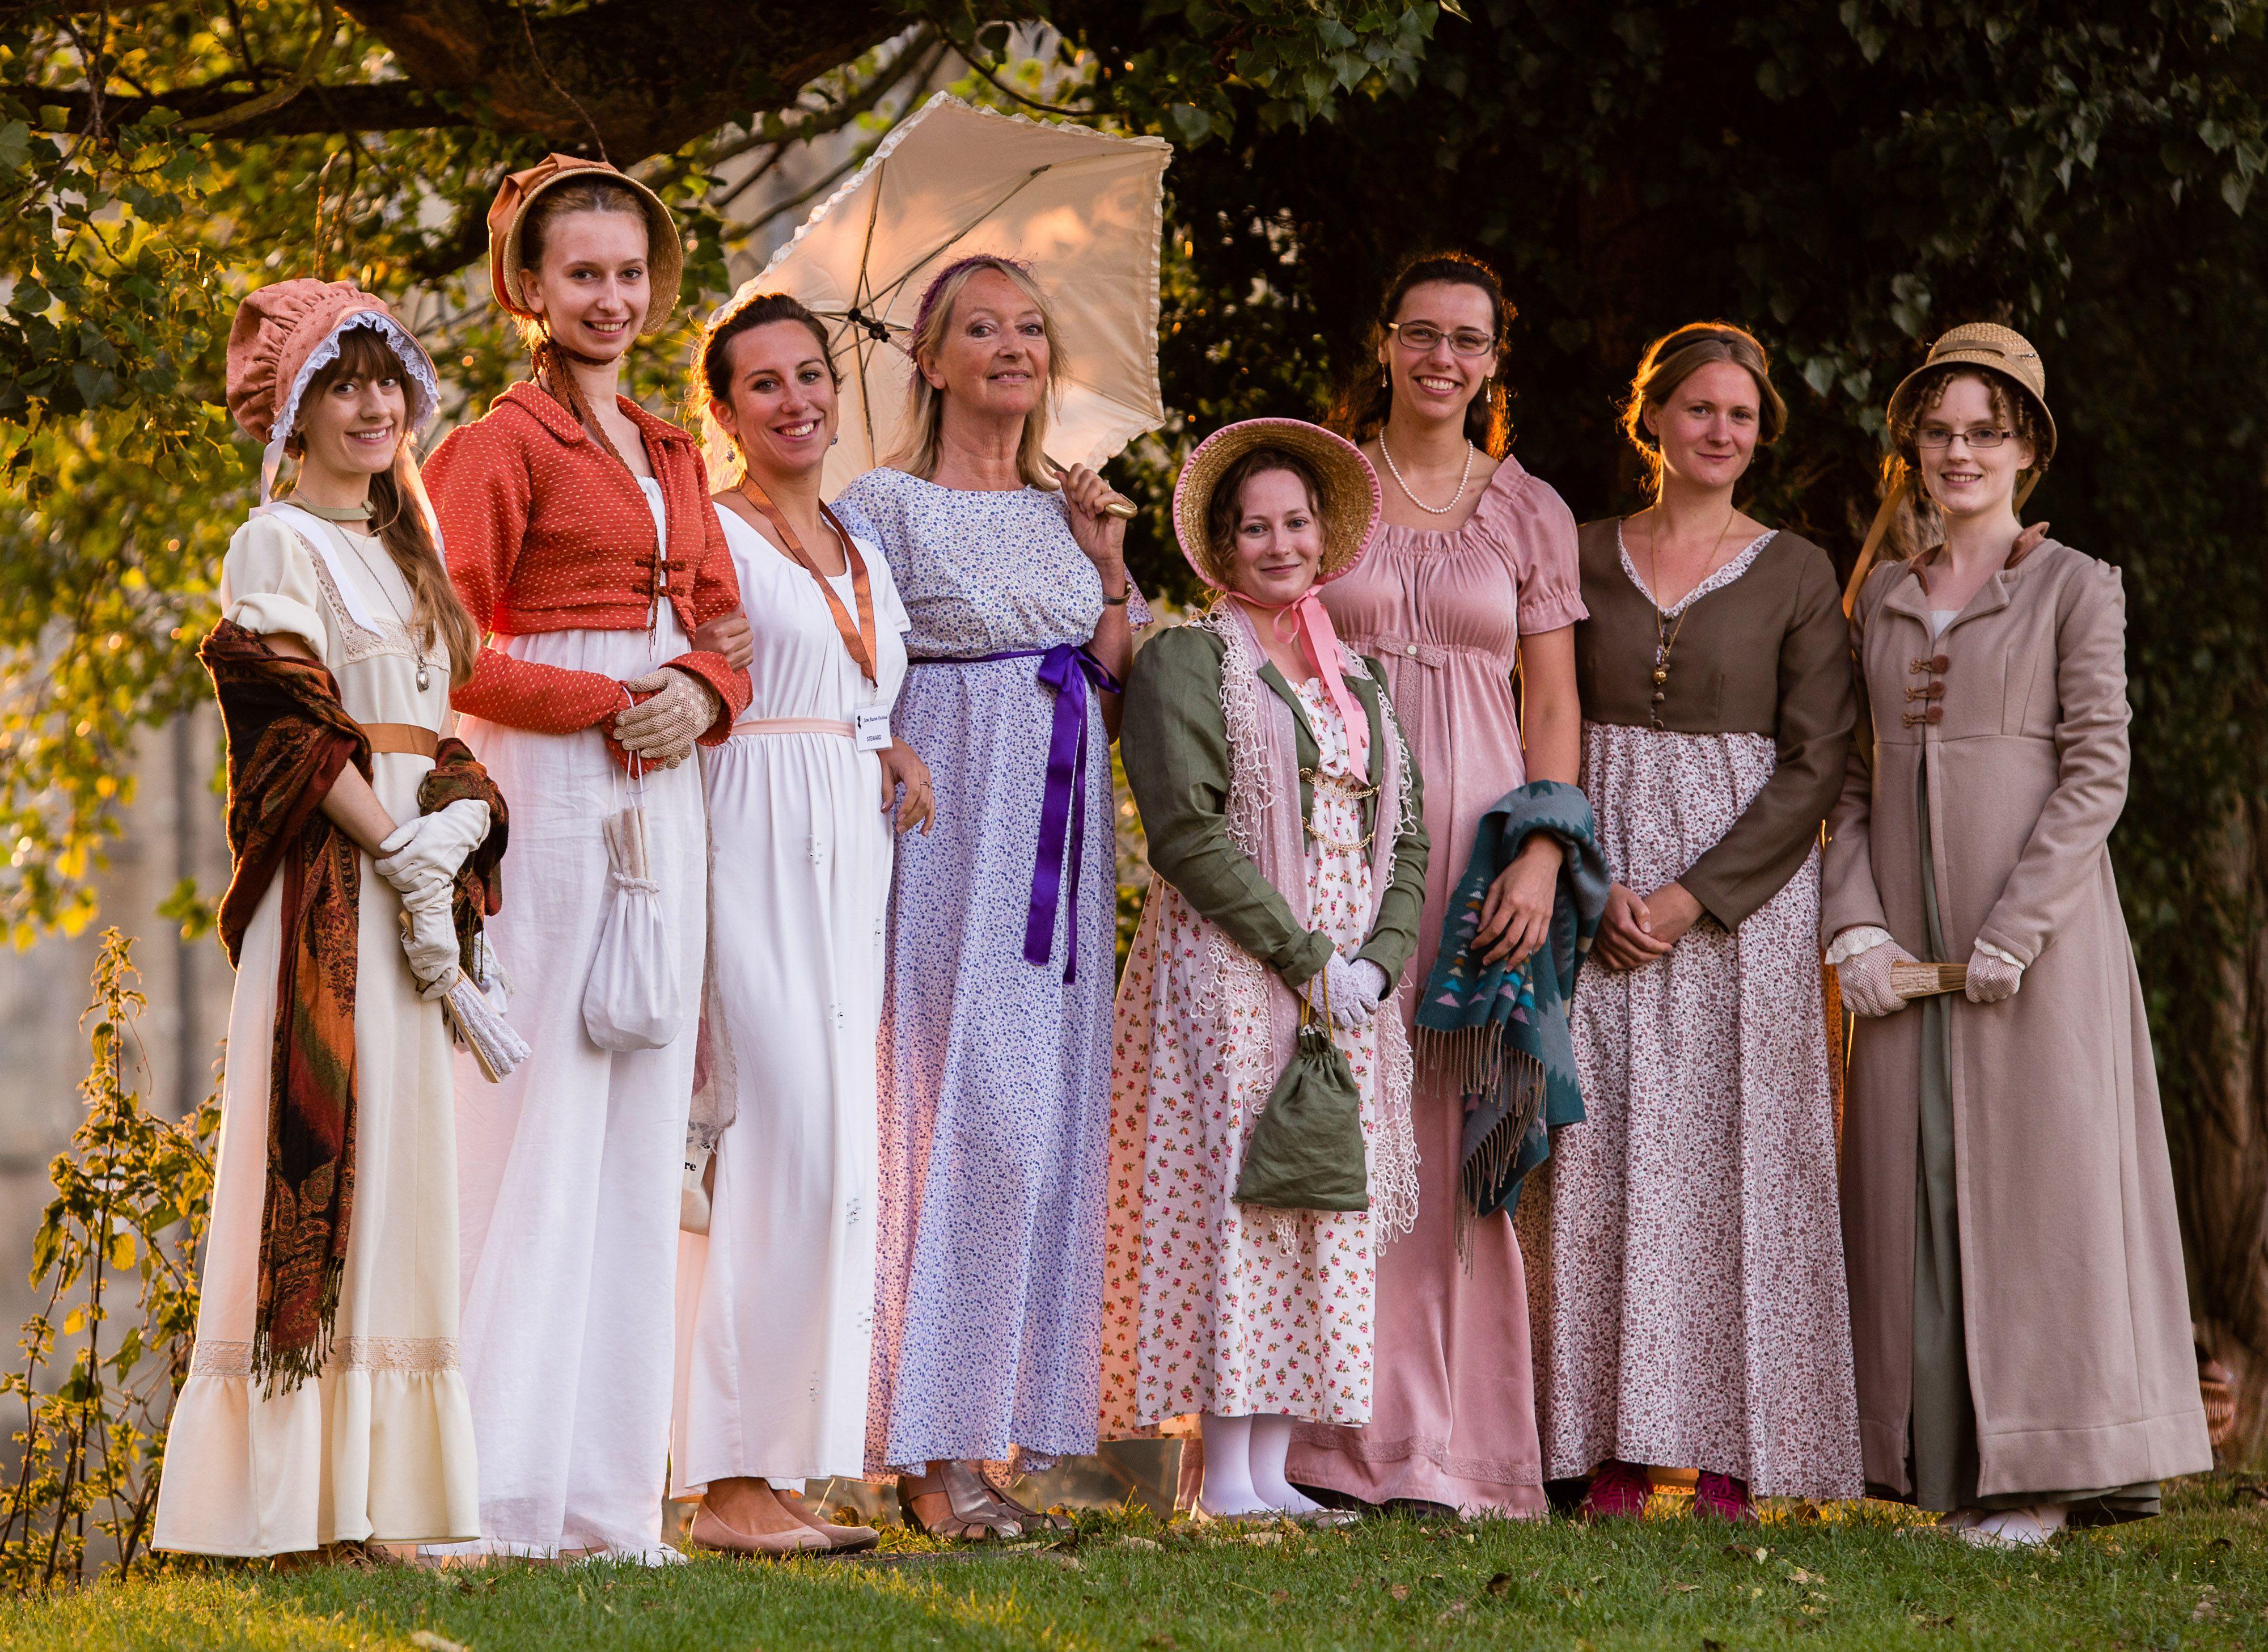 The Jane Austen Festival